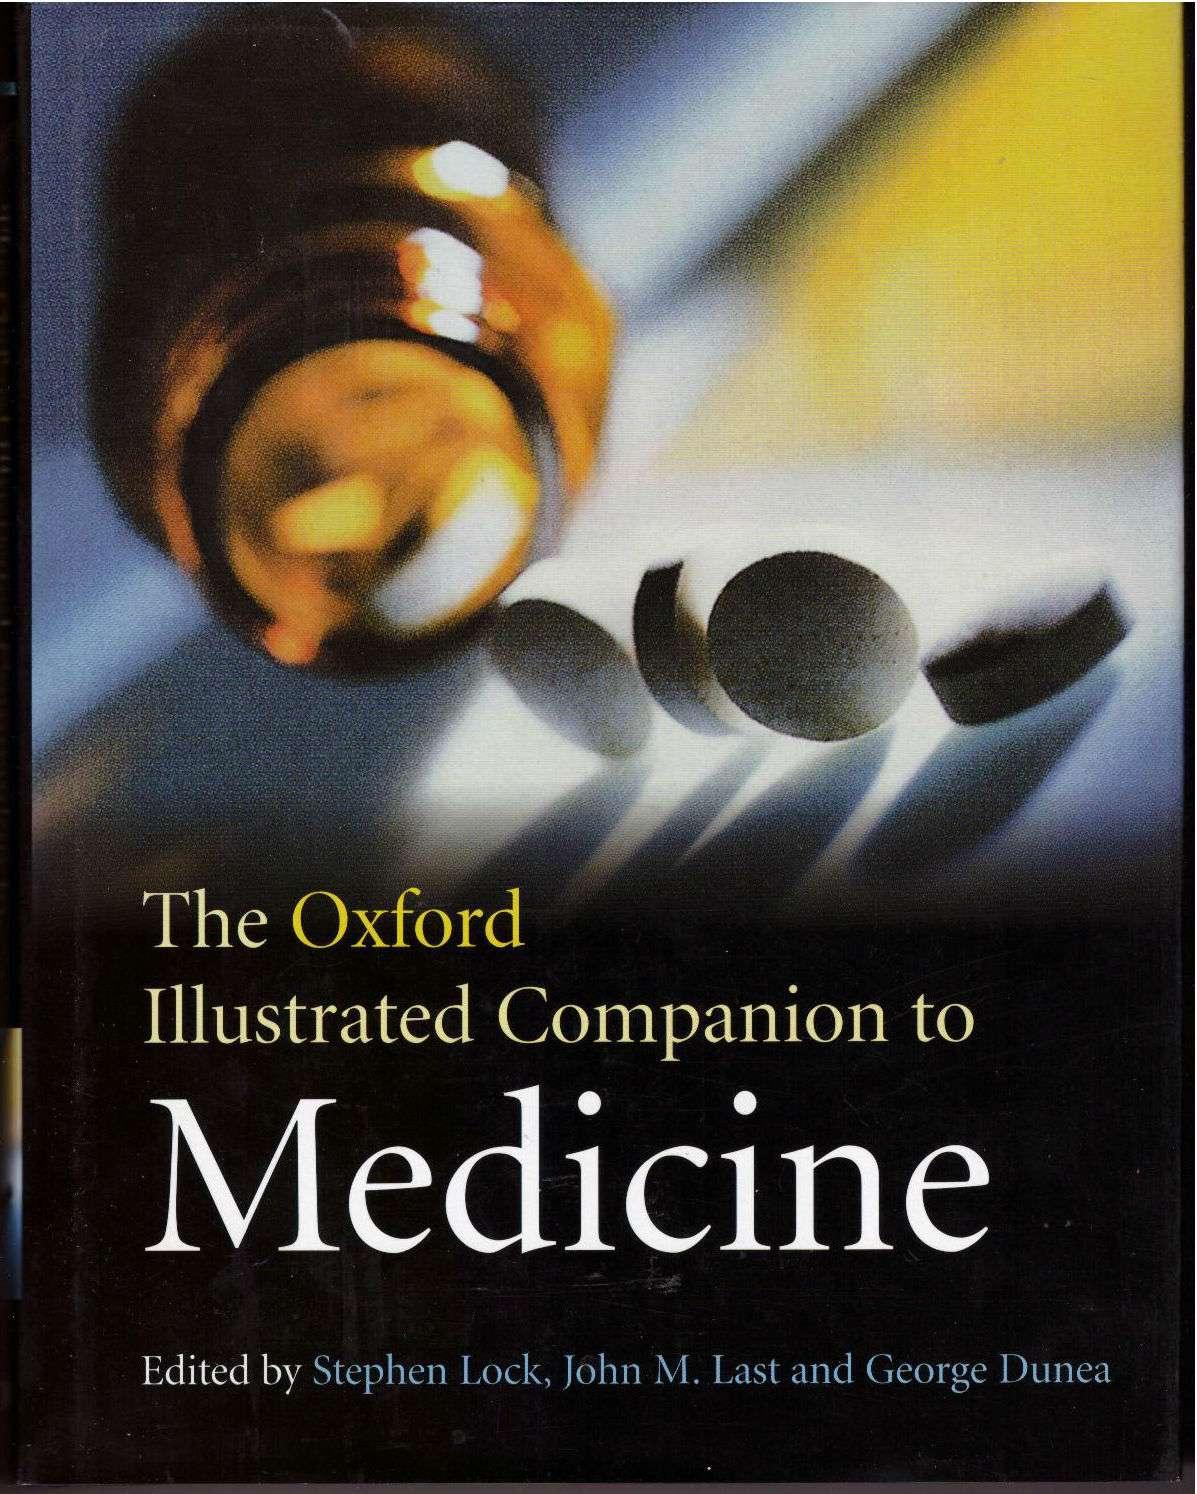 The Oxford Illustrated Companion to Medicine